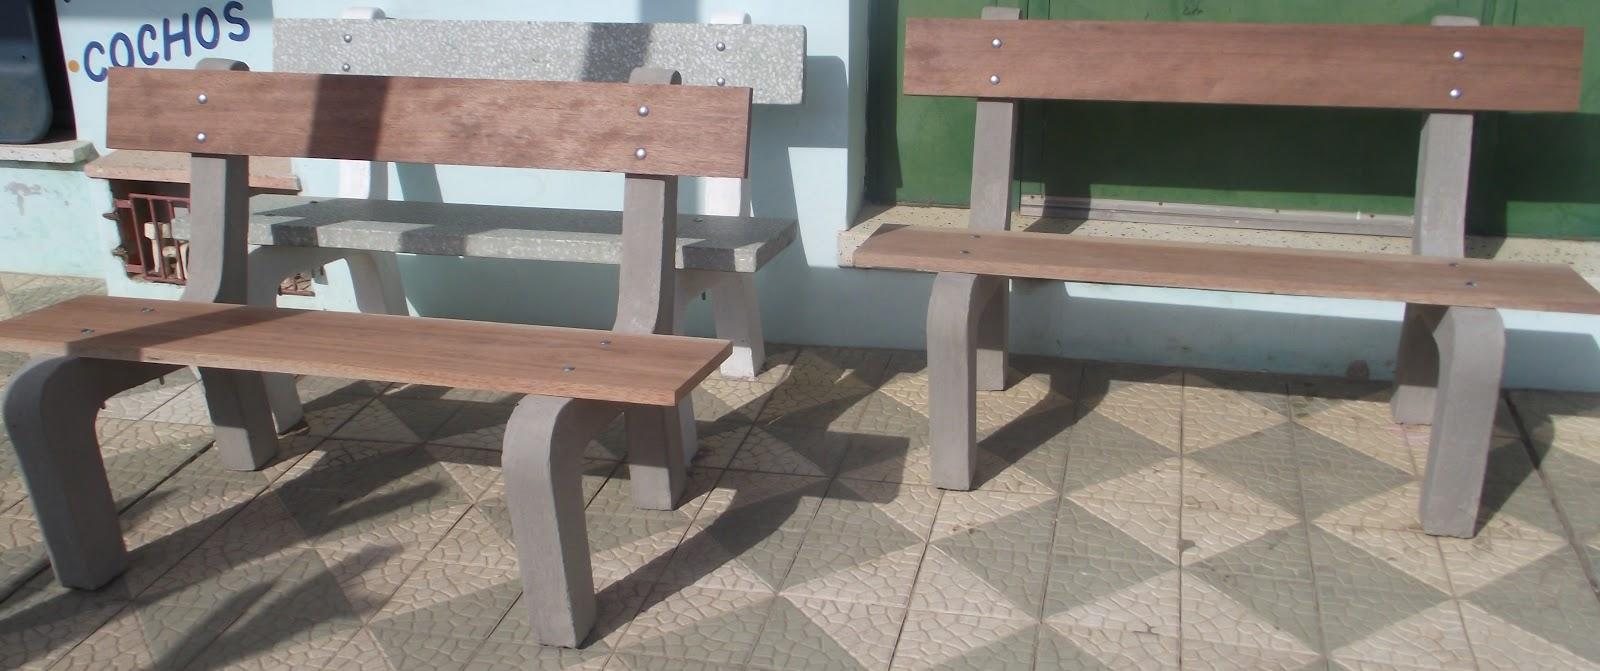 banco de jardim cimento : banco de jardim cimento:Artefatos de cimento e ferragens FREITAS !!!: Agosto 2012